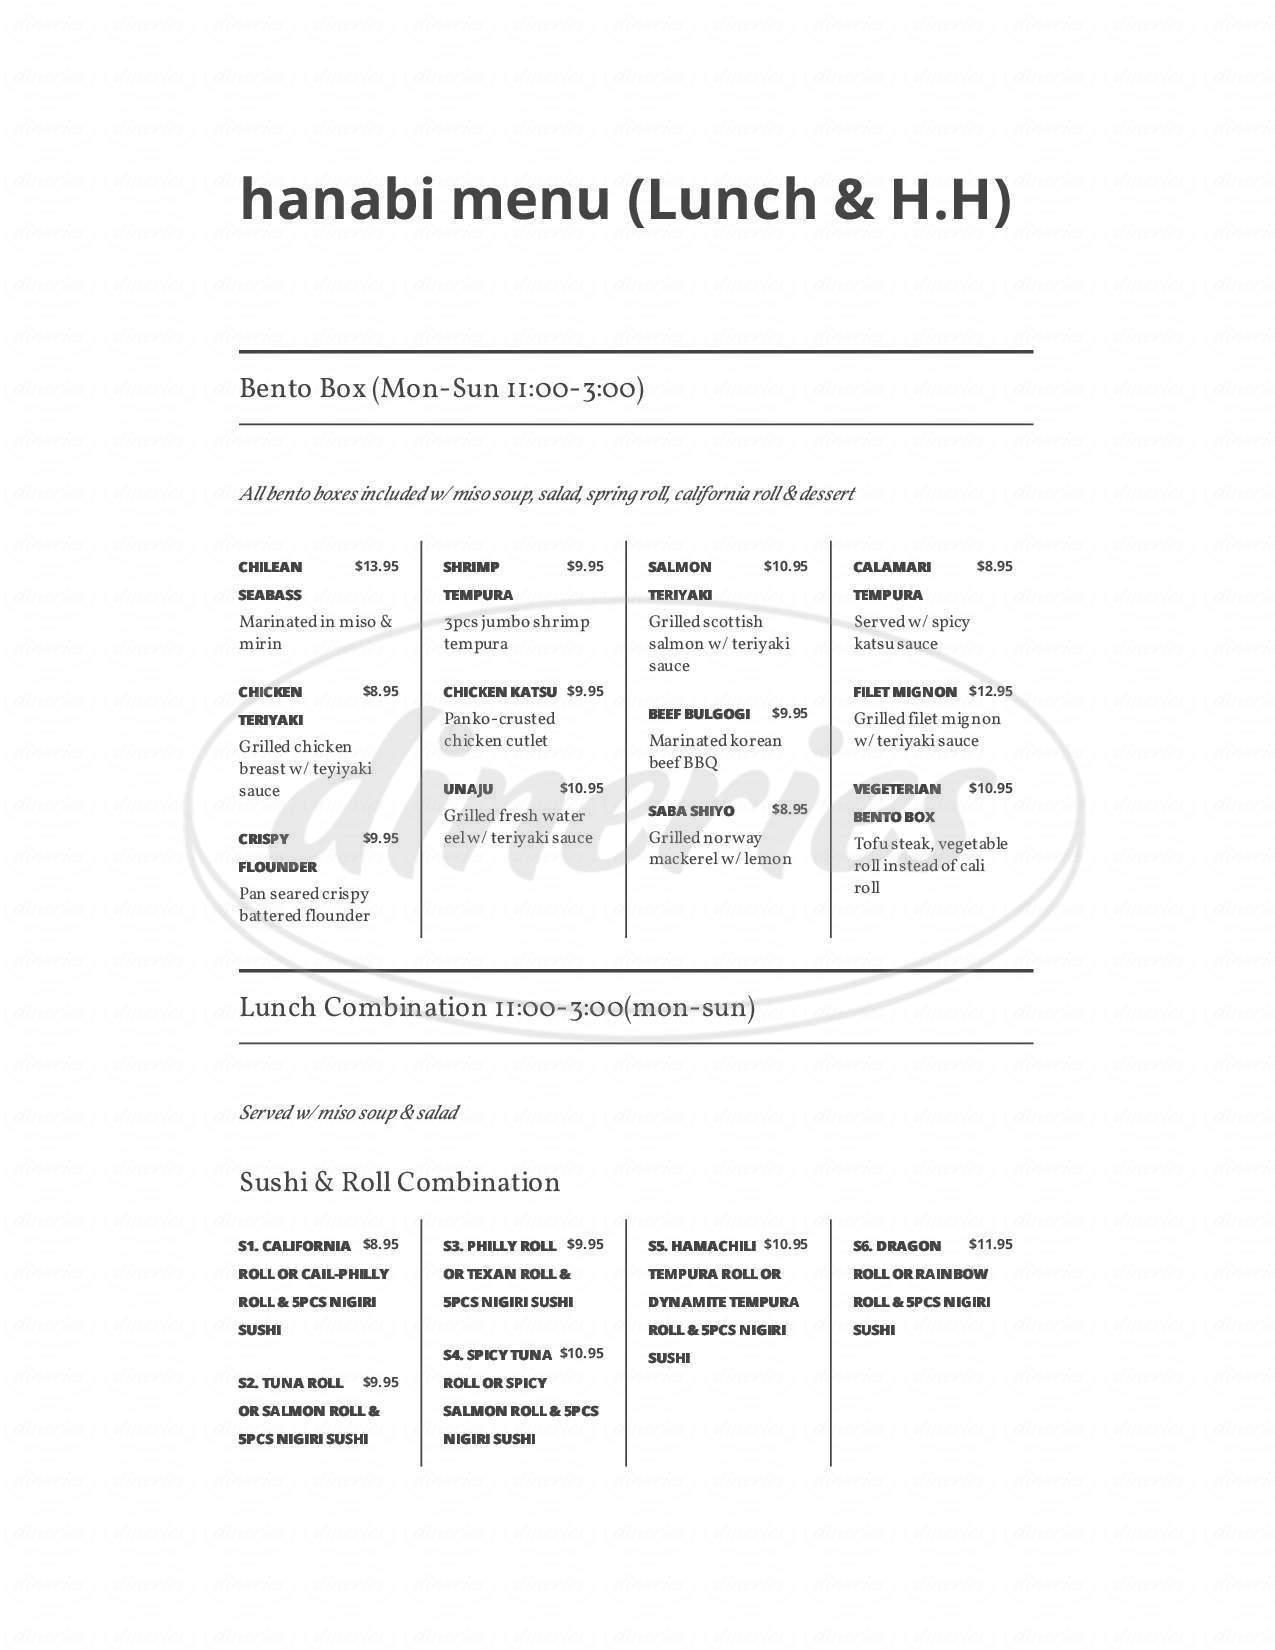 menu for Hanabi